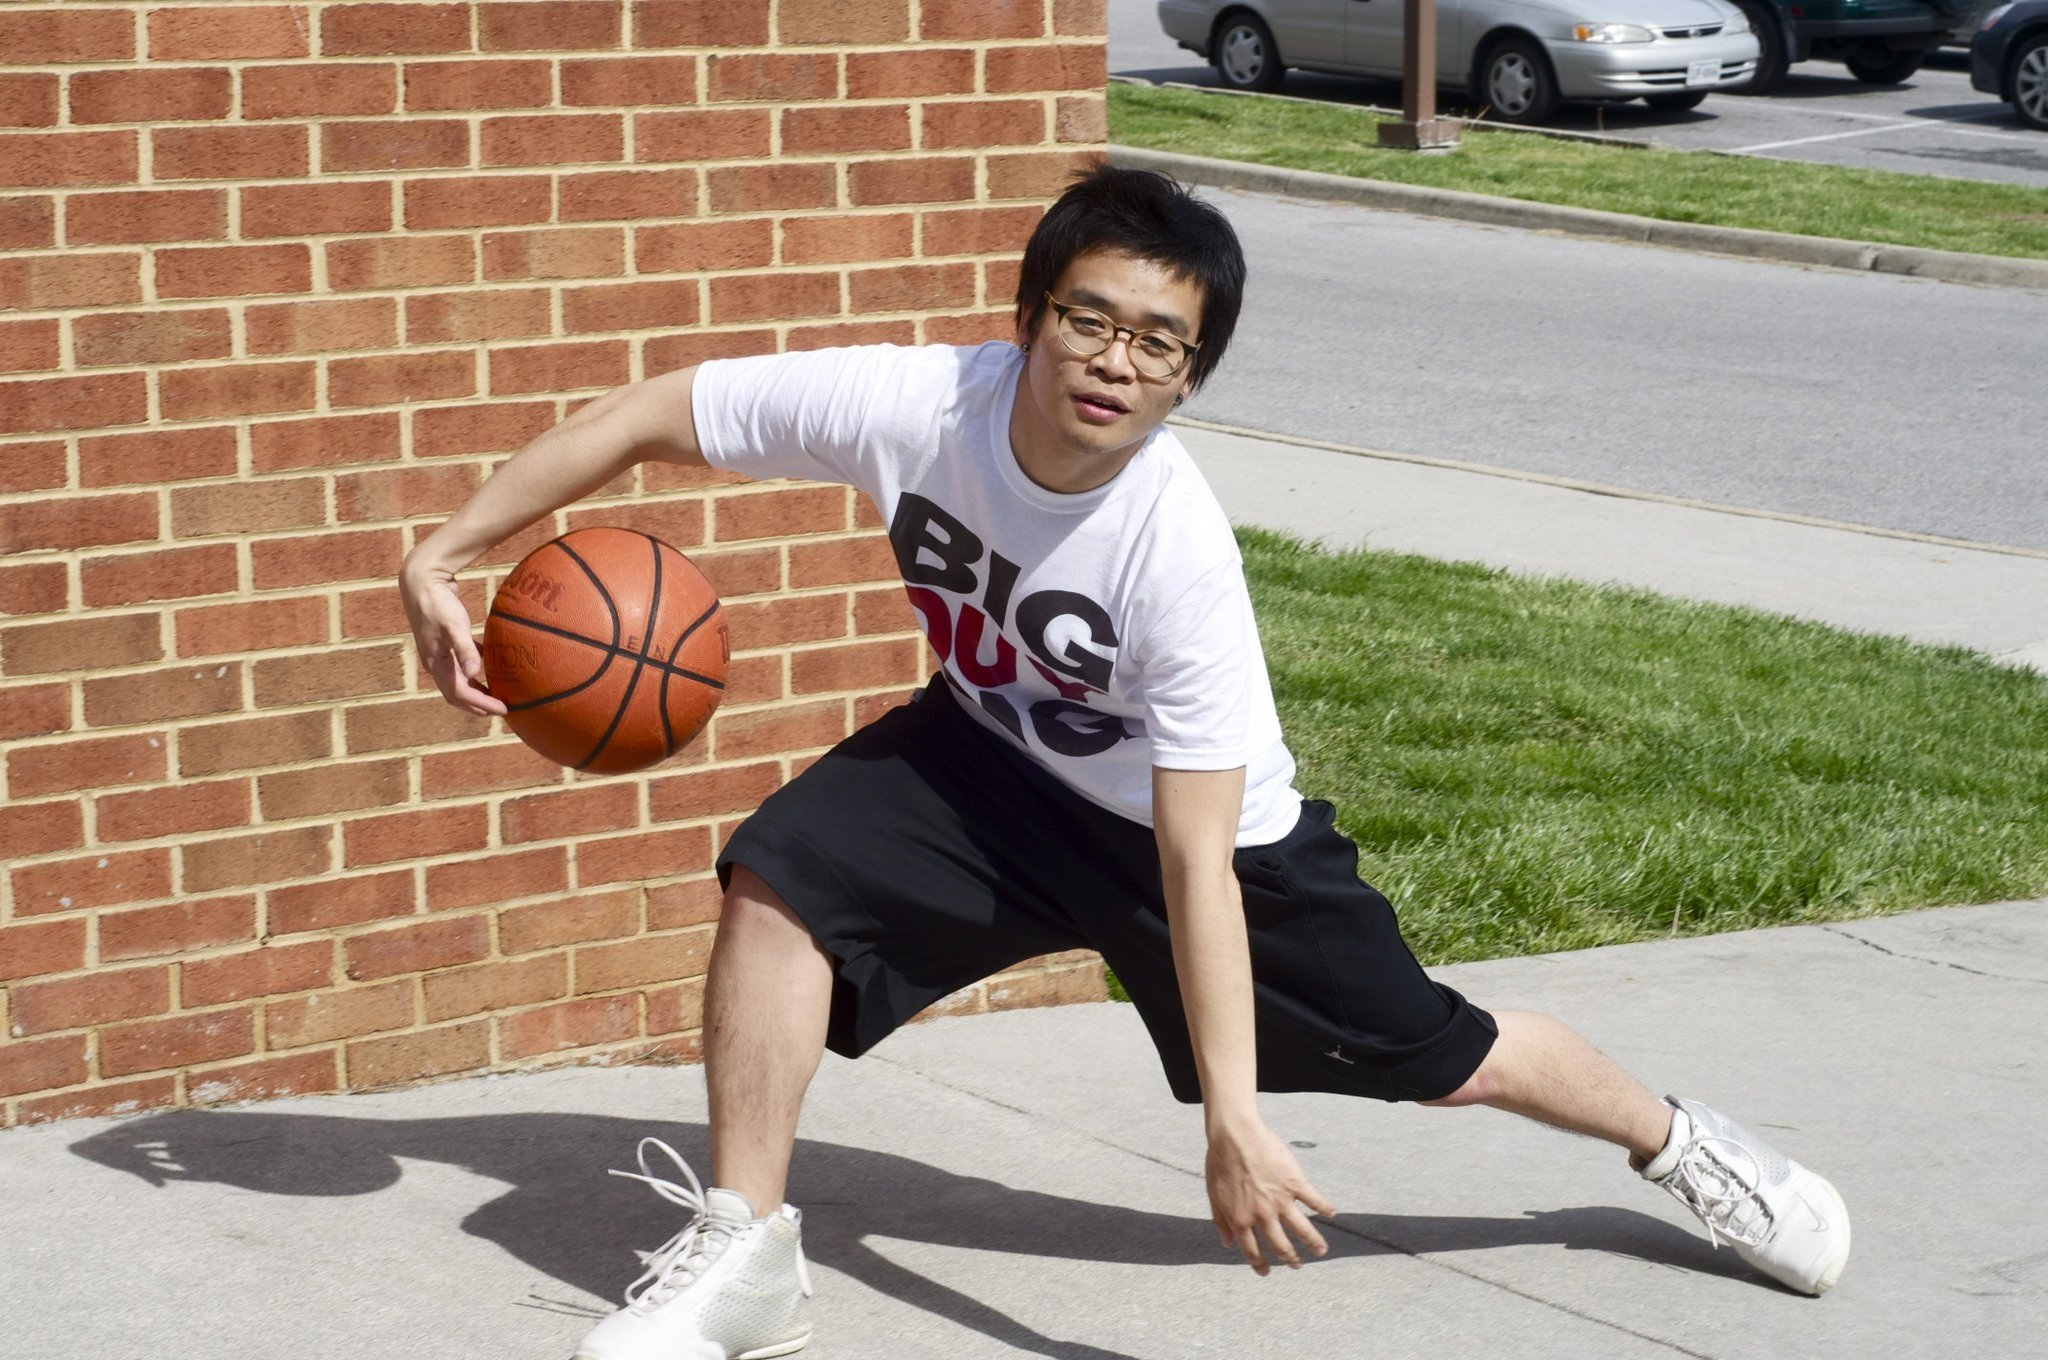 Asain Kid Playing Basketball Meme